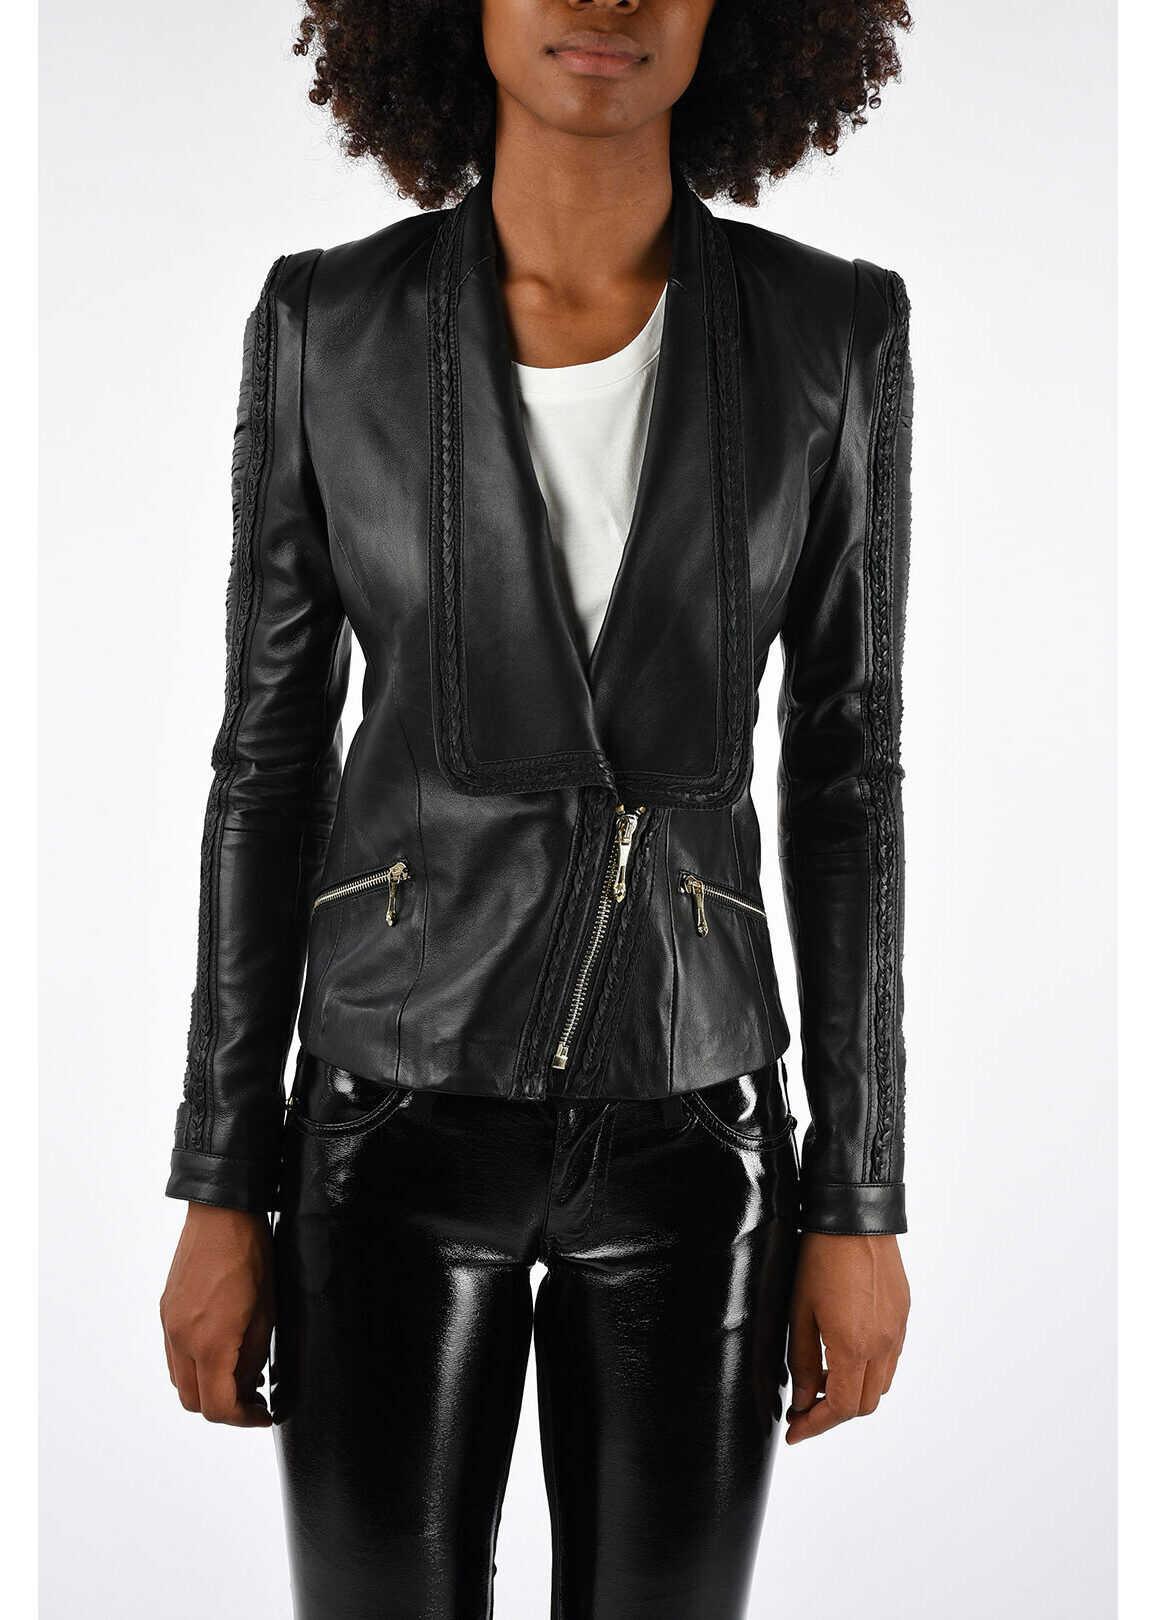 Just Cavalli Leather Jacket BLACK